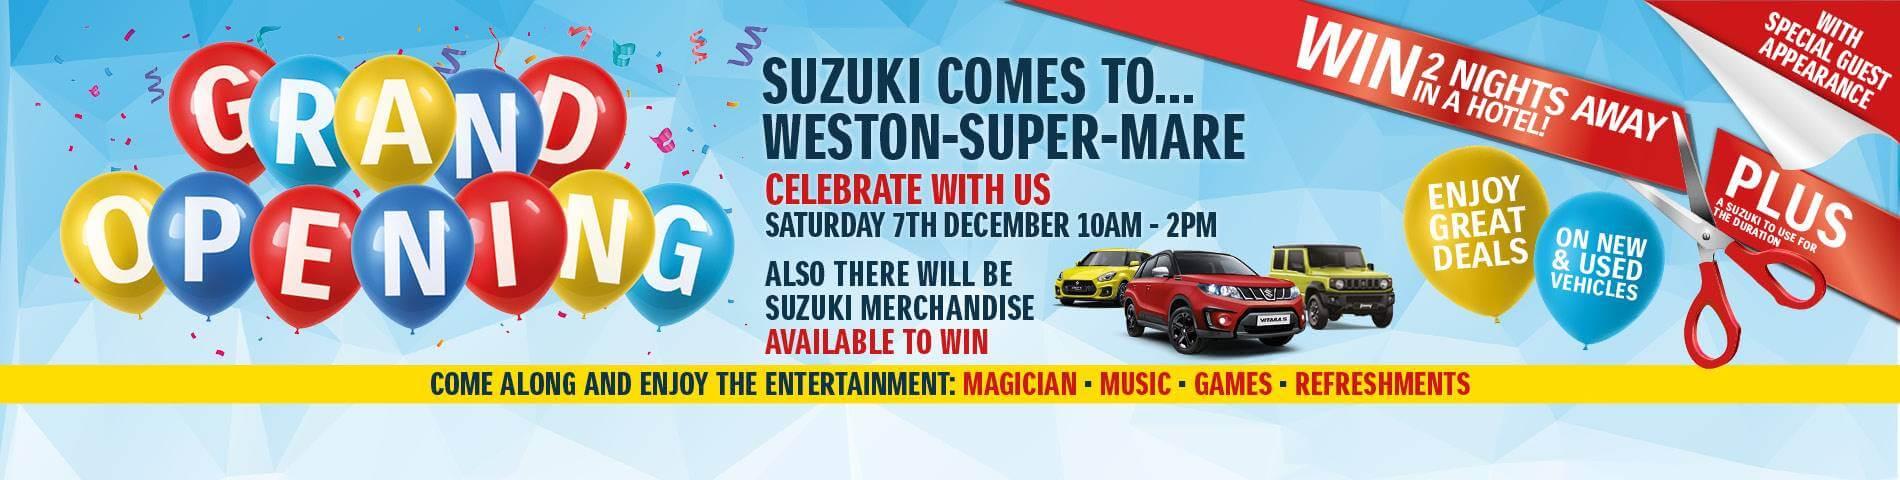 Suzuki Grand Opening